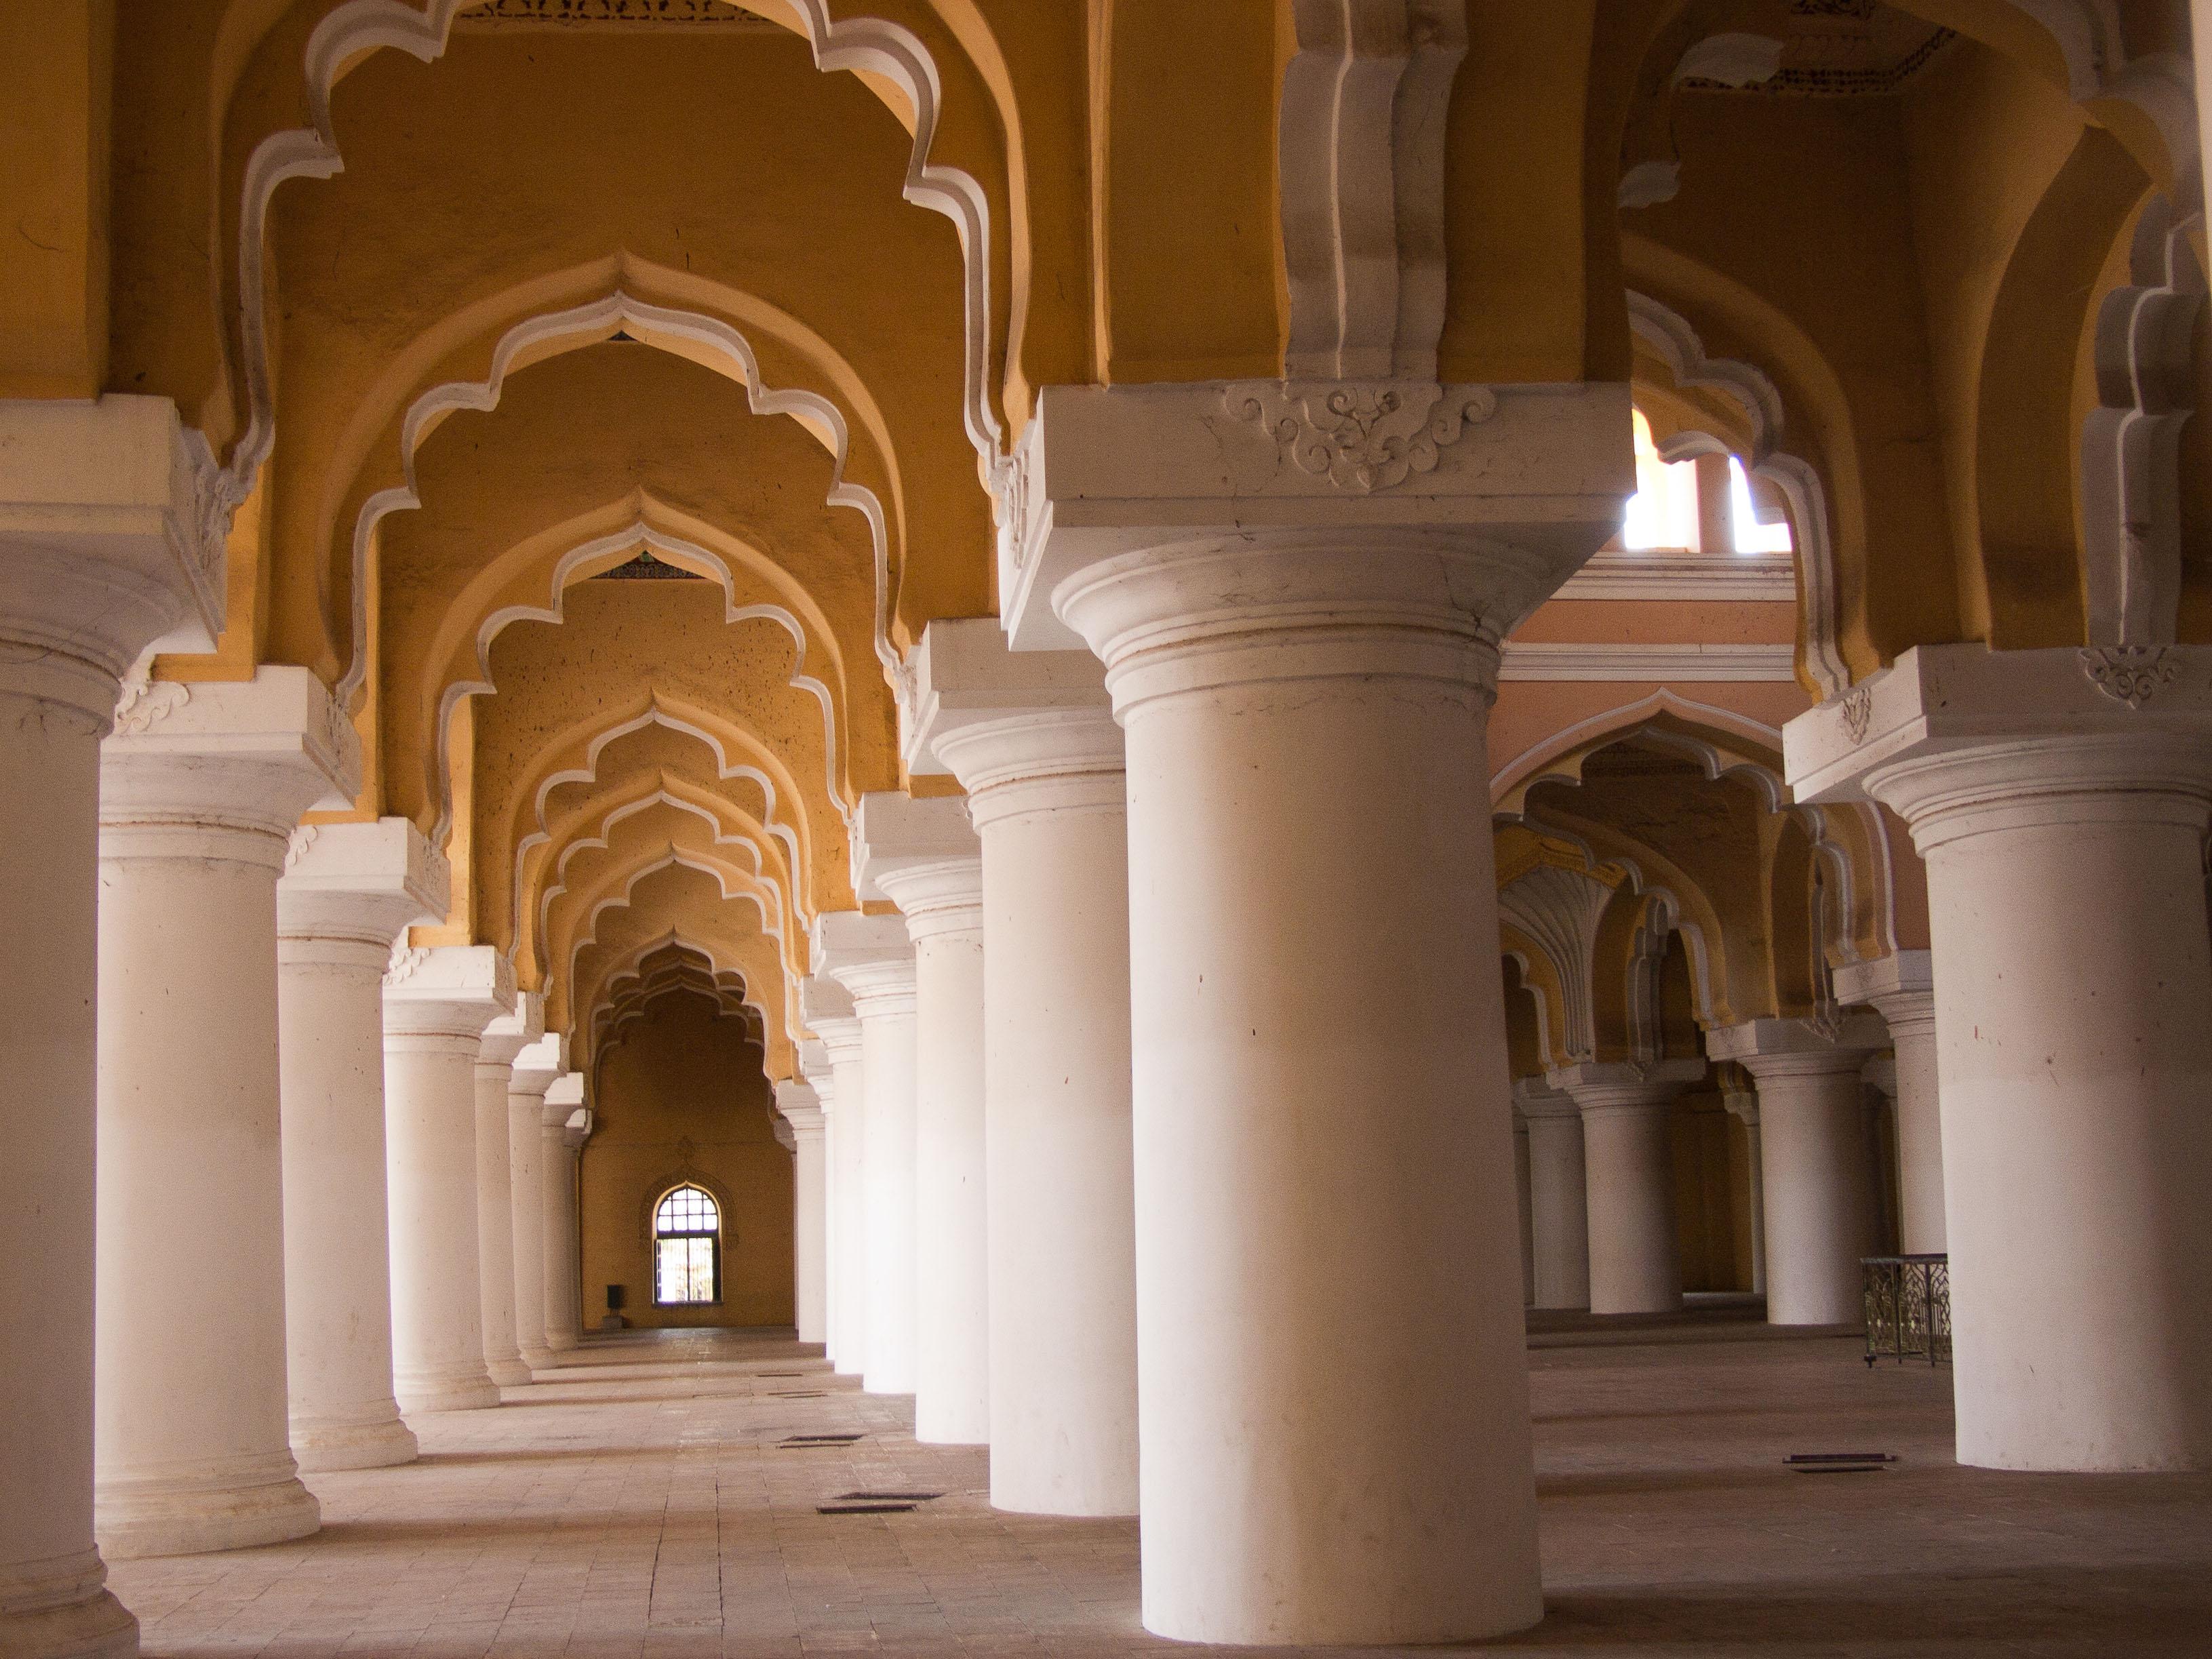 Madurai Museum